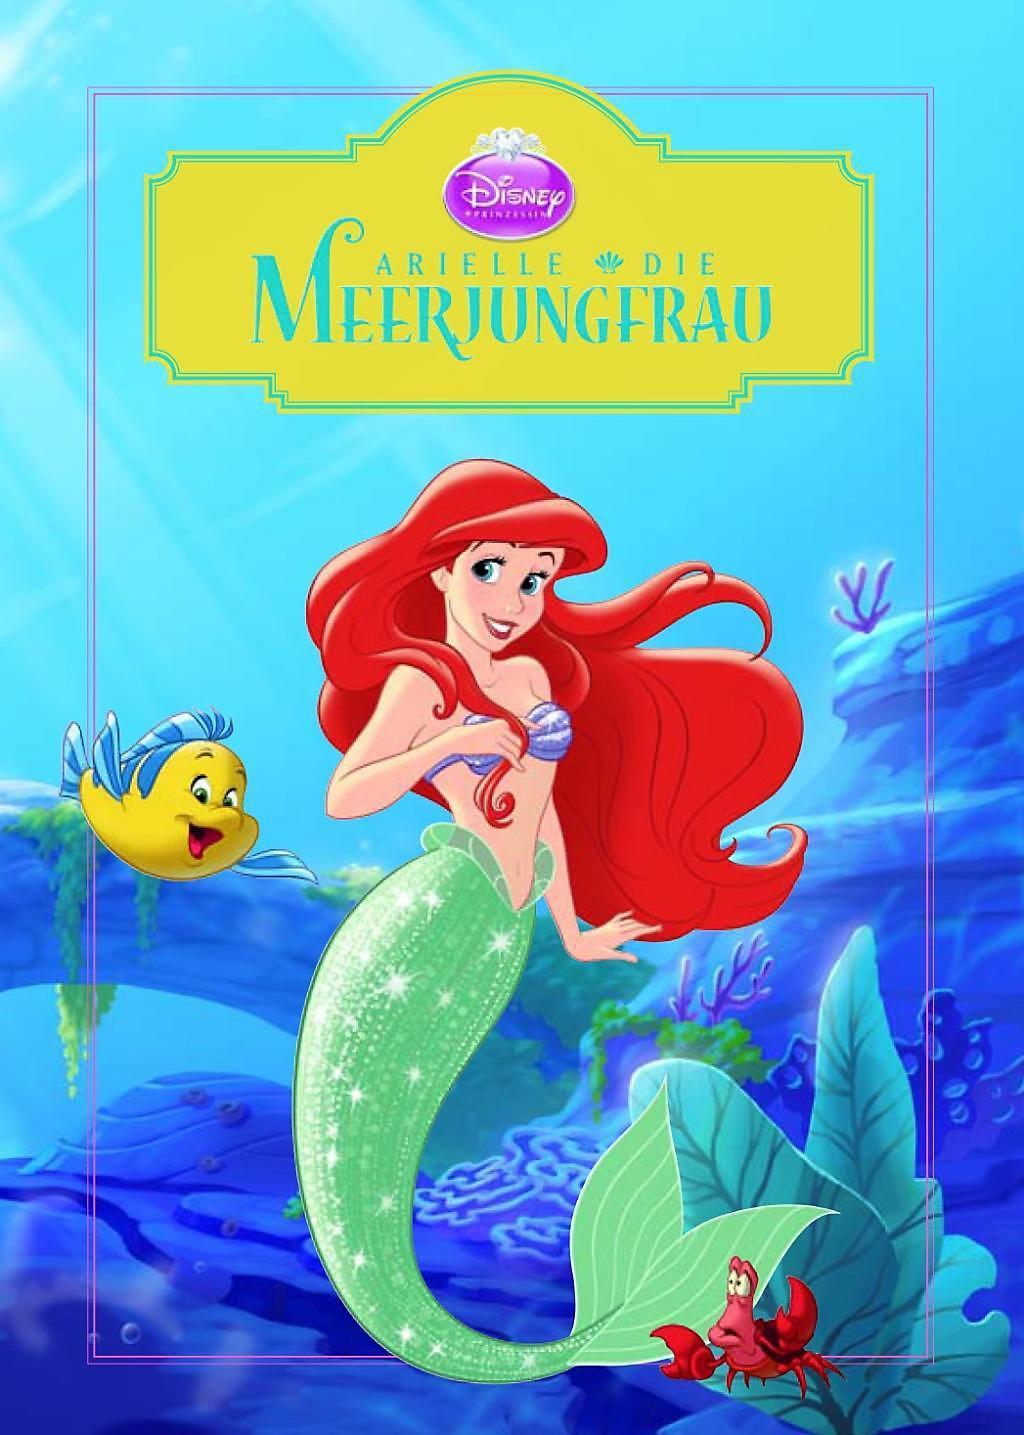 Arielle Die Meerjungfrau Buch Bei Weltbildch Online Bestellen